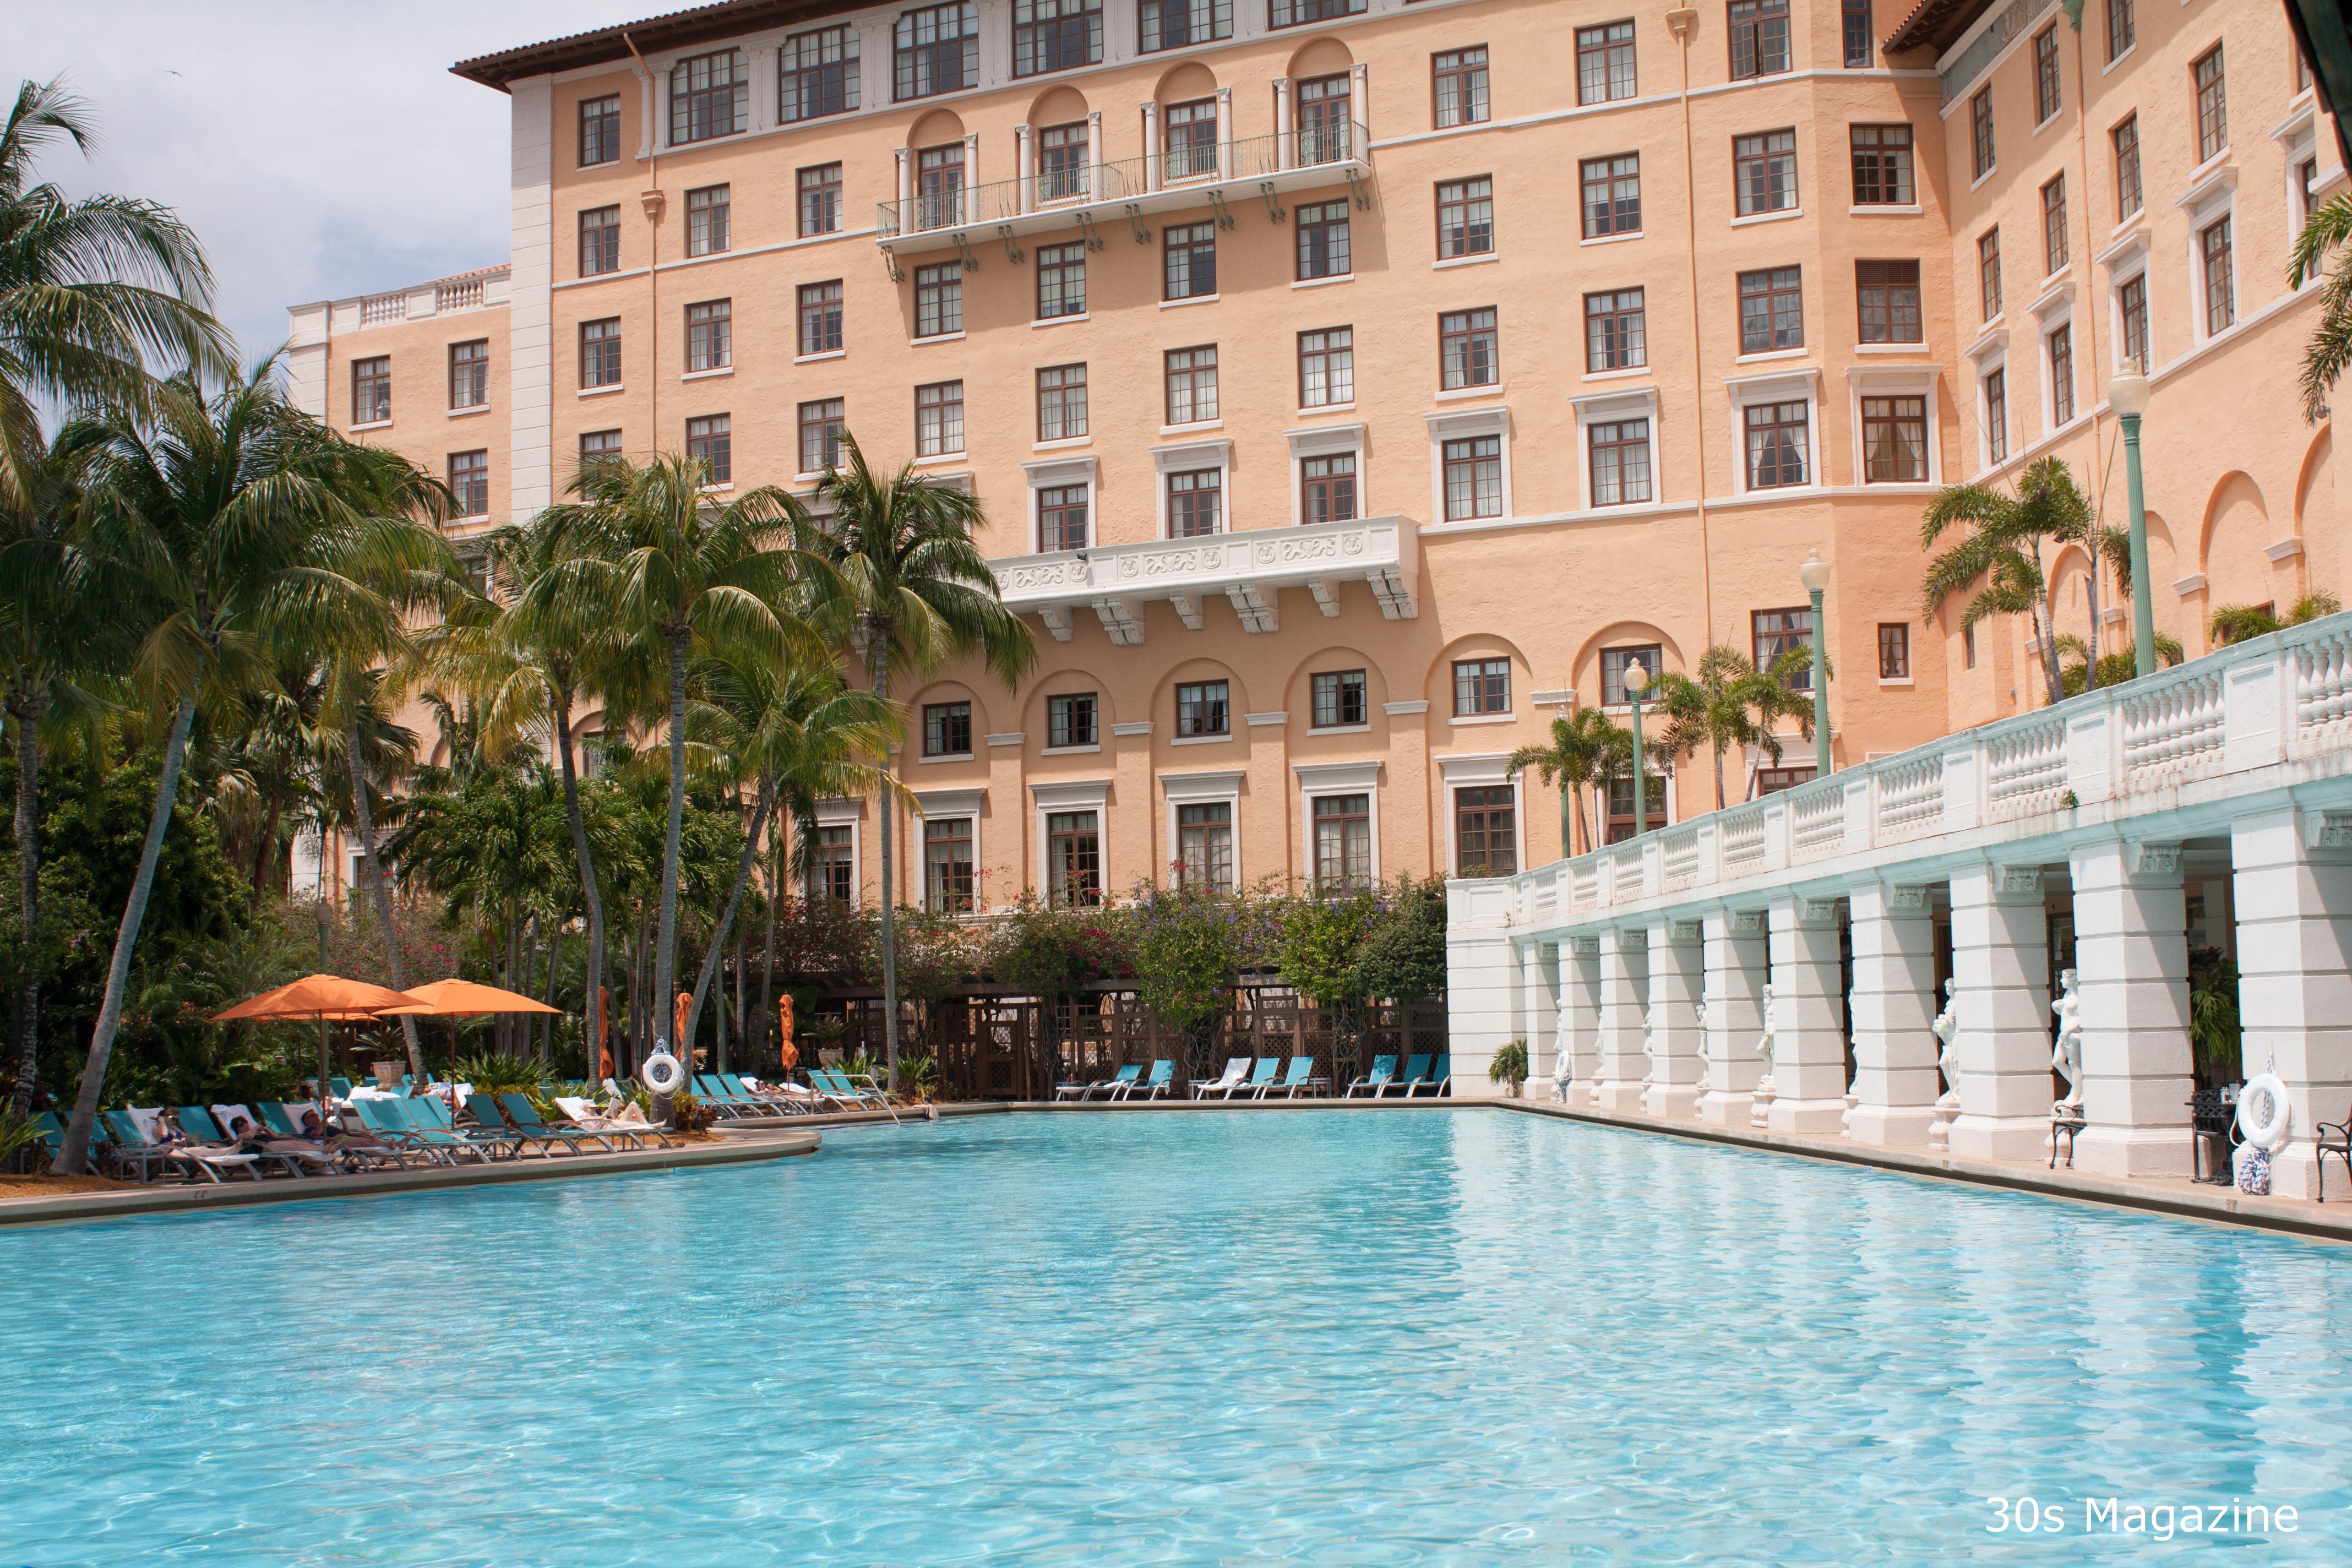 Hotel Miami Coral Gables